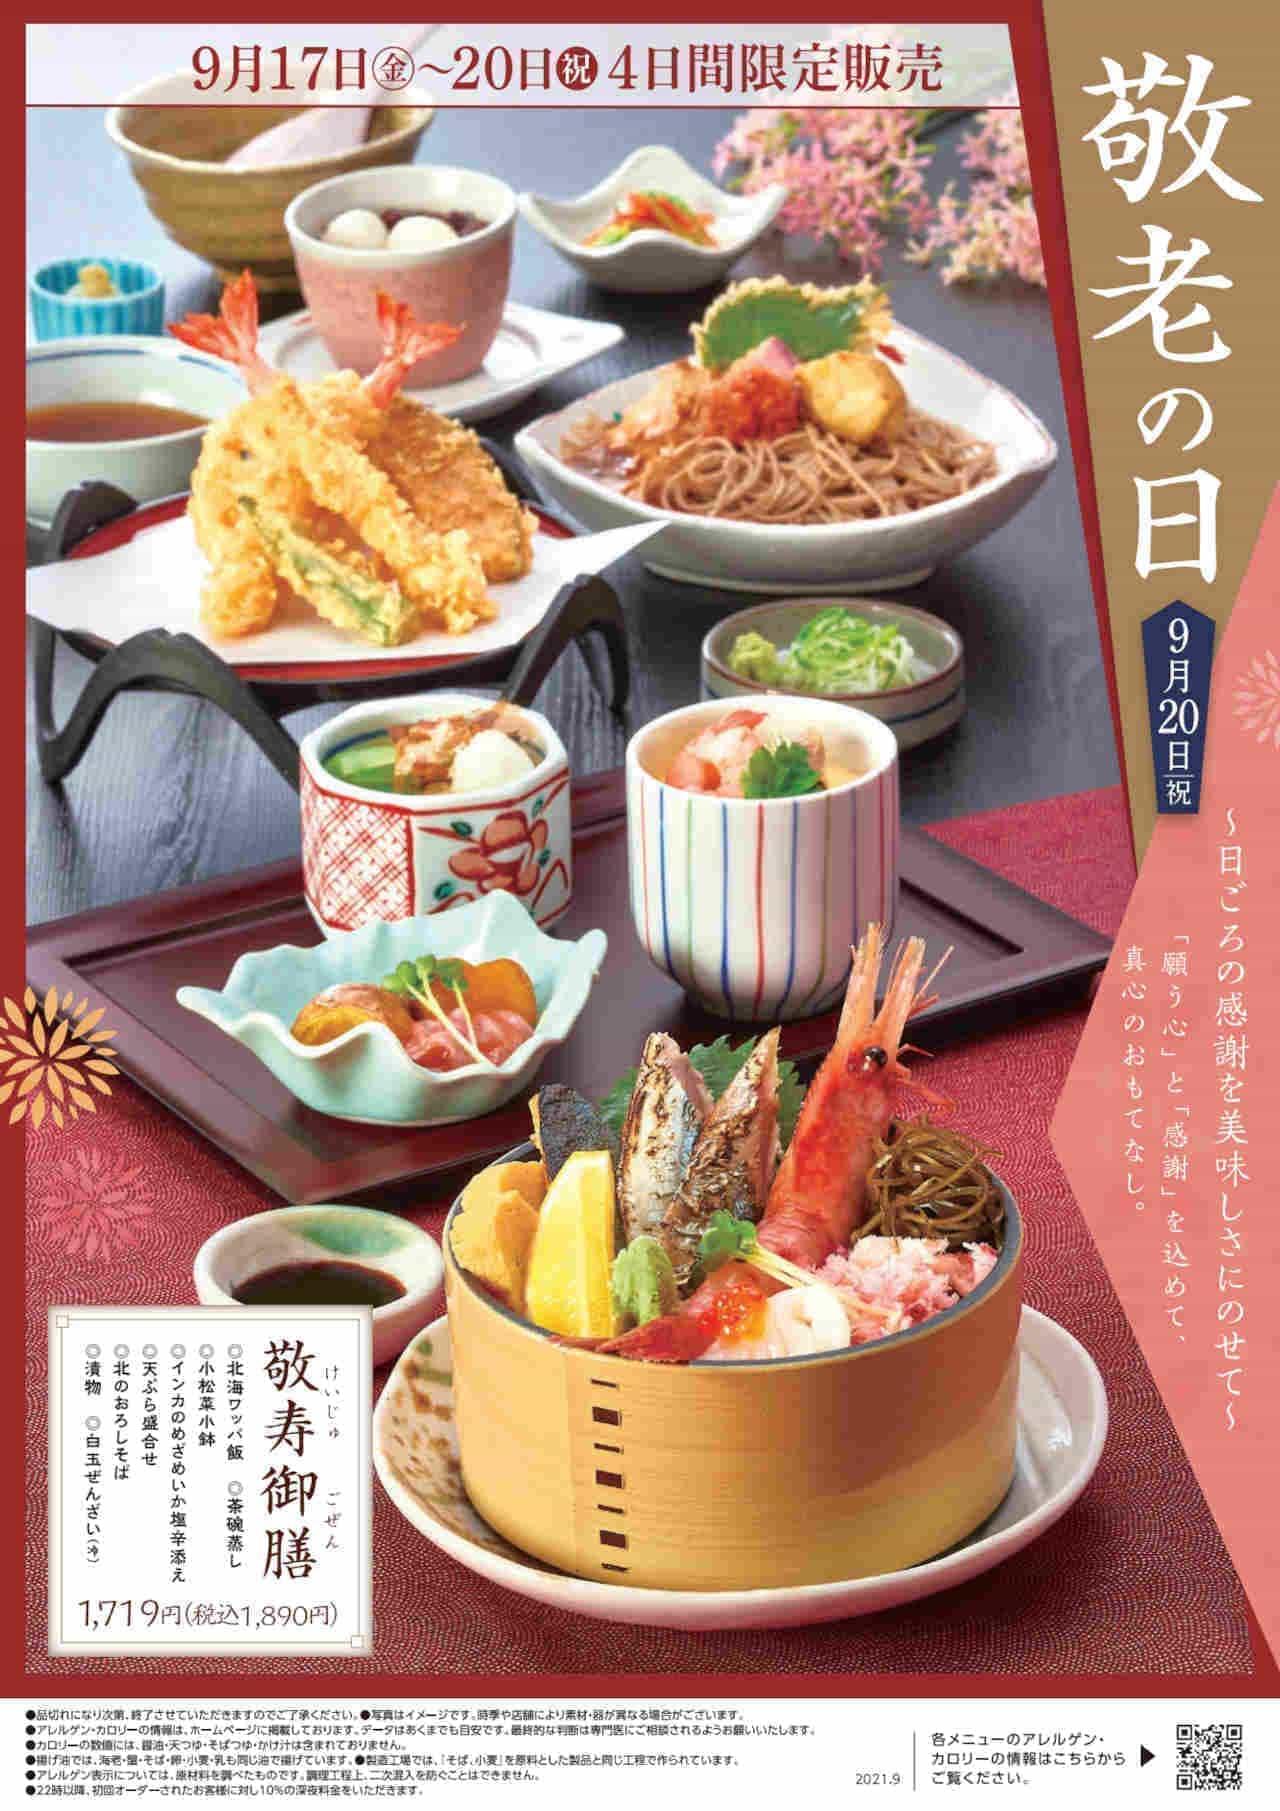 サガミ「敬寿御膳」